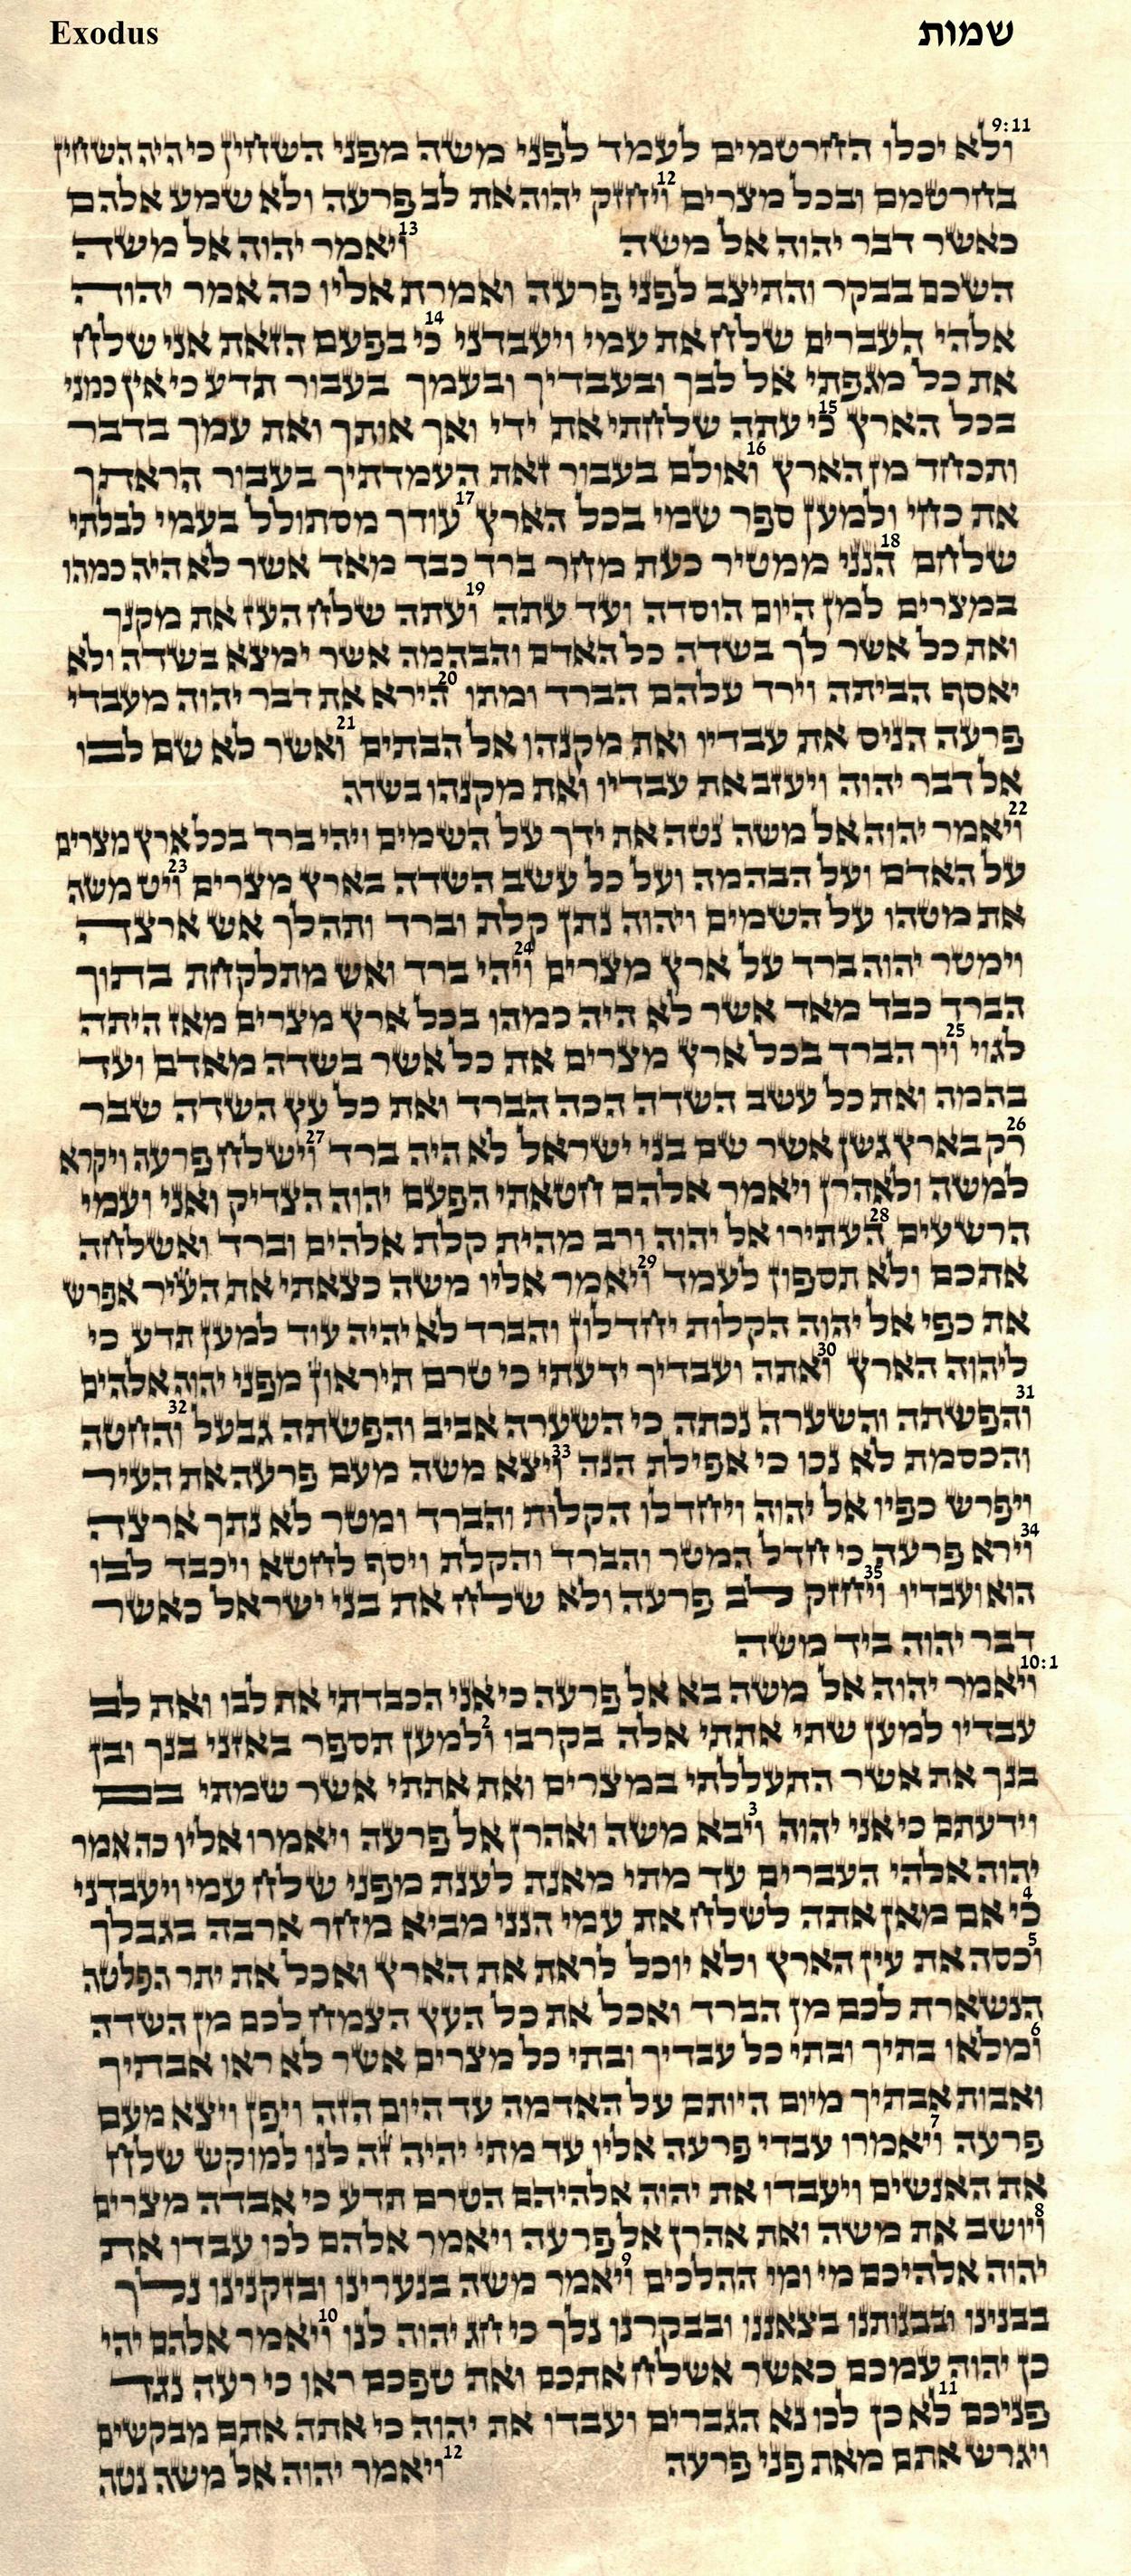 Exodus 9.11 - 10.12